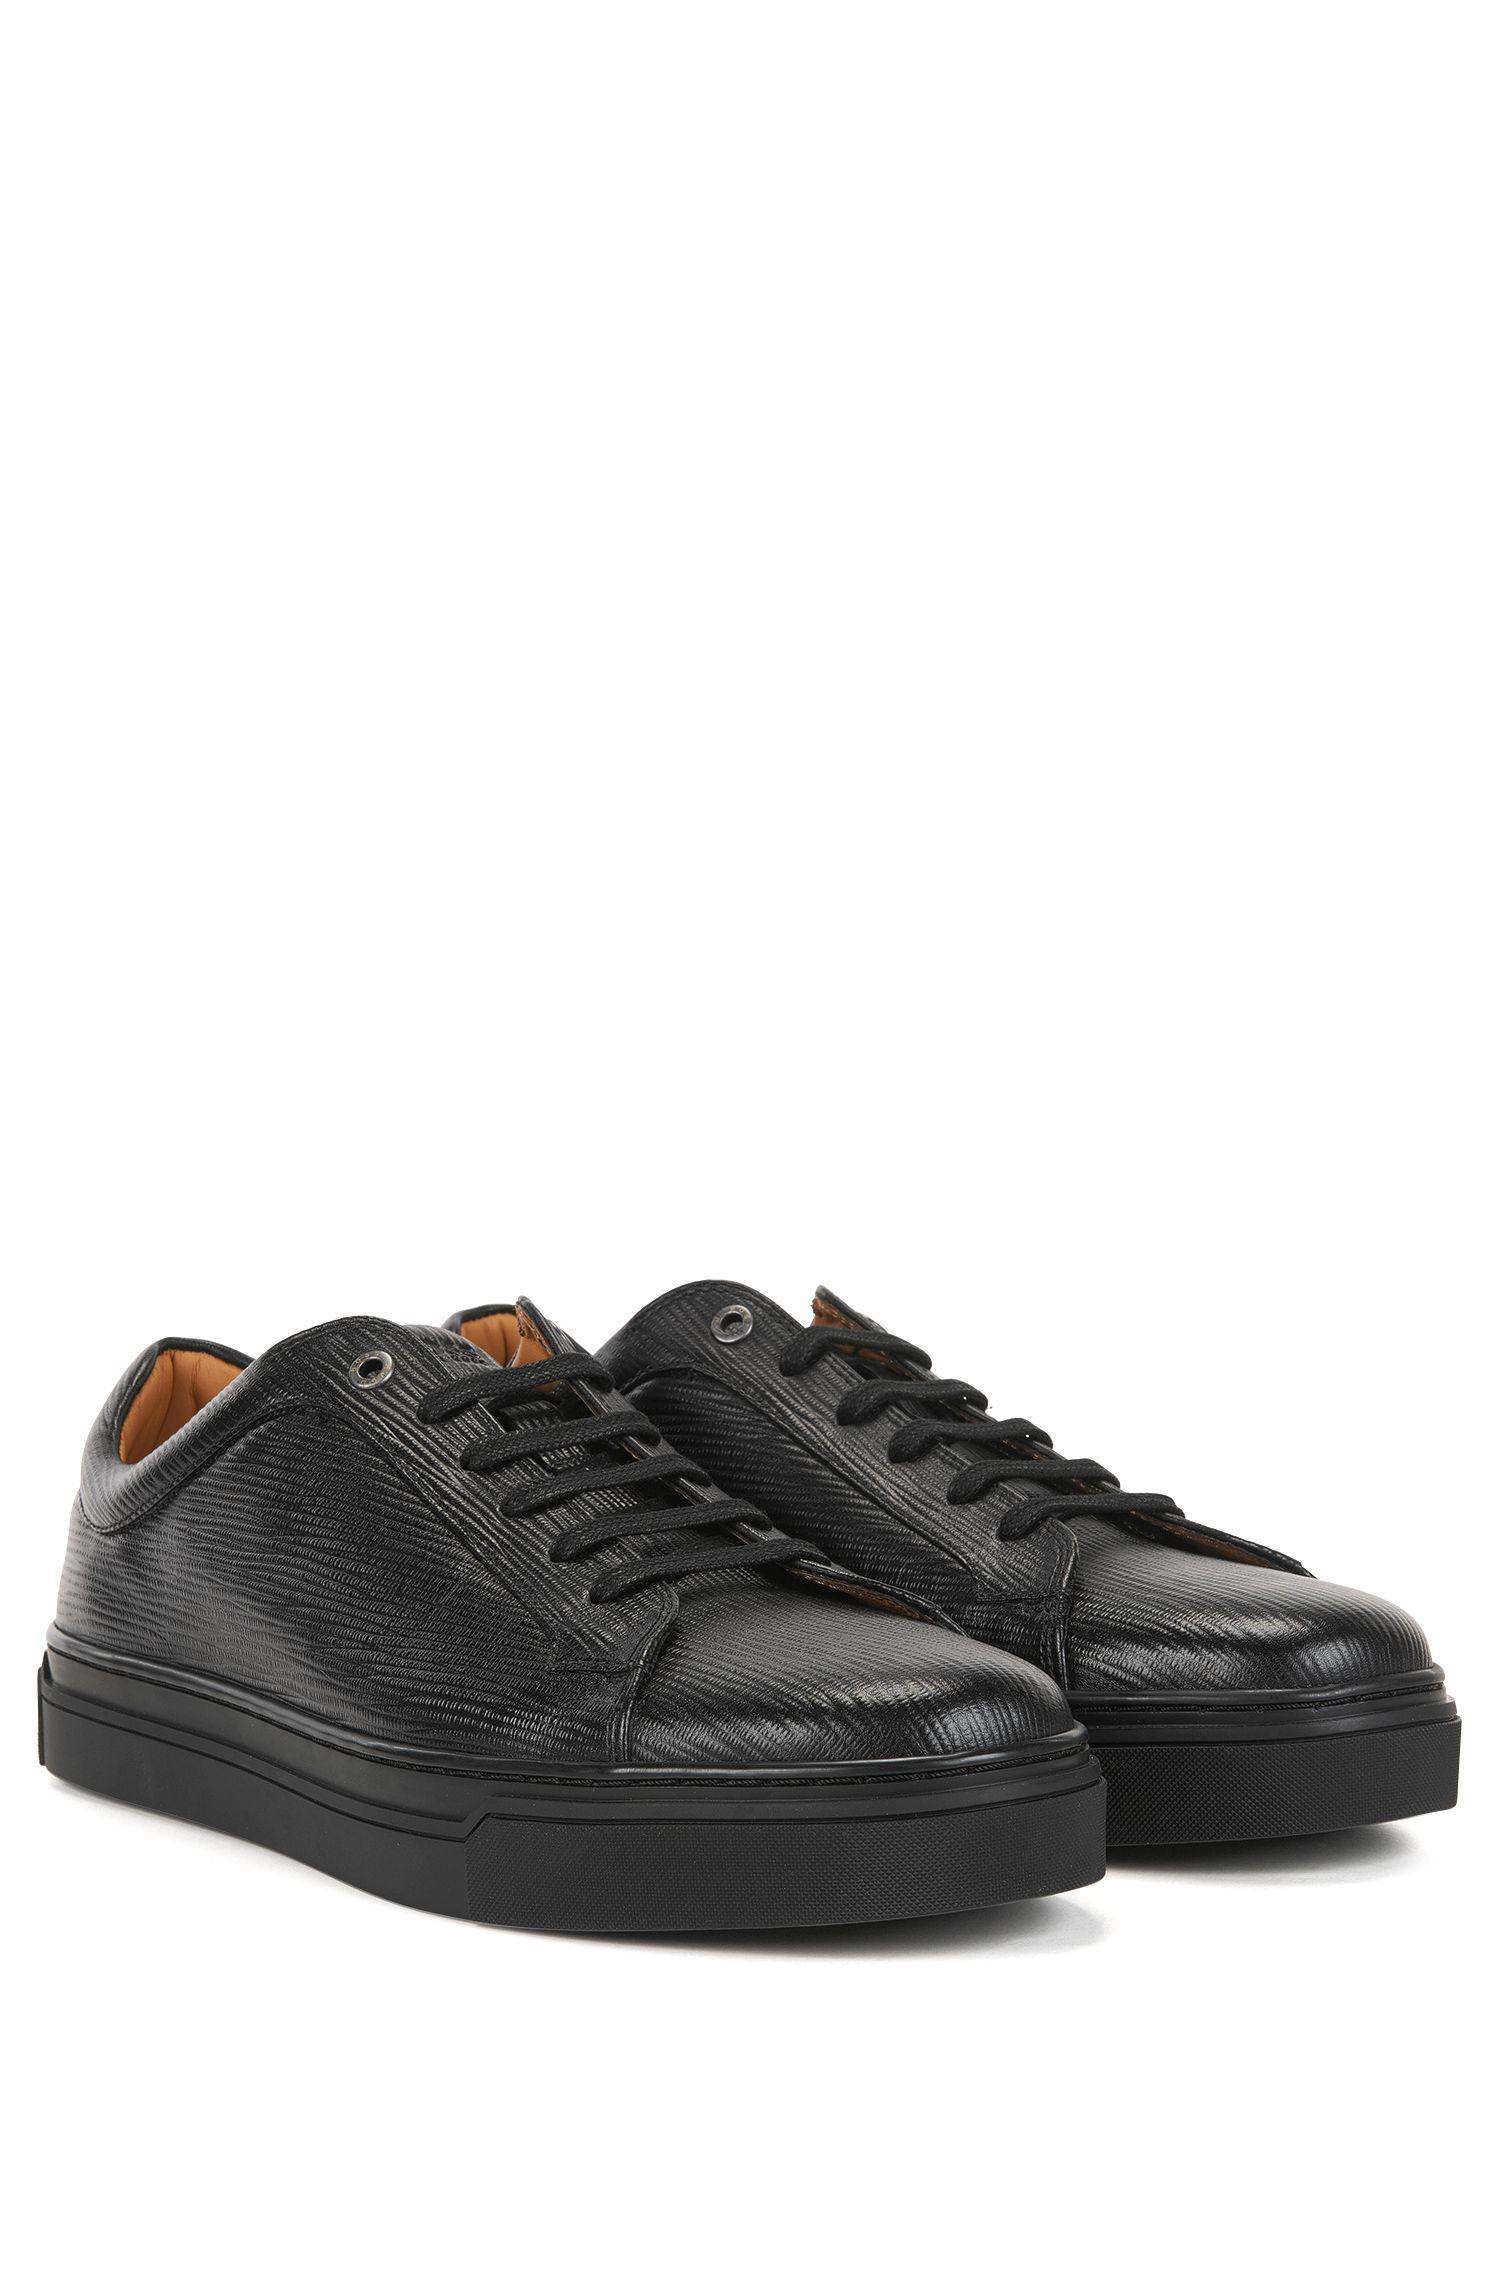 Sneakers aus bedrucktem Leder im Tennis-Stil